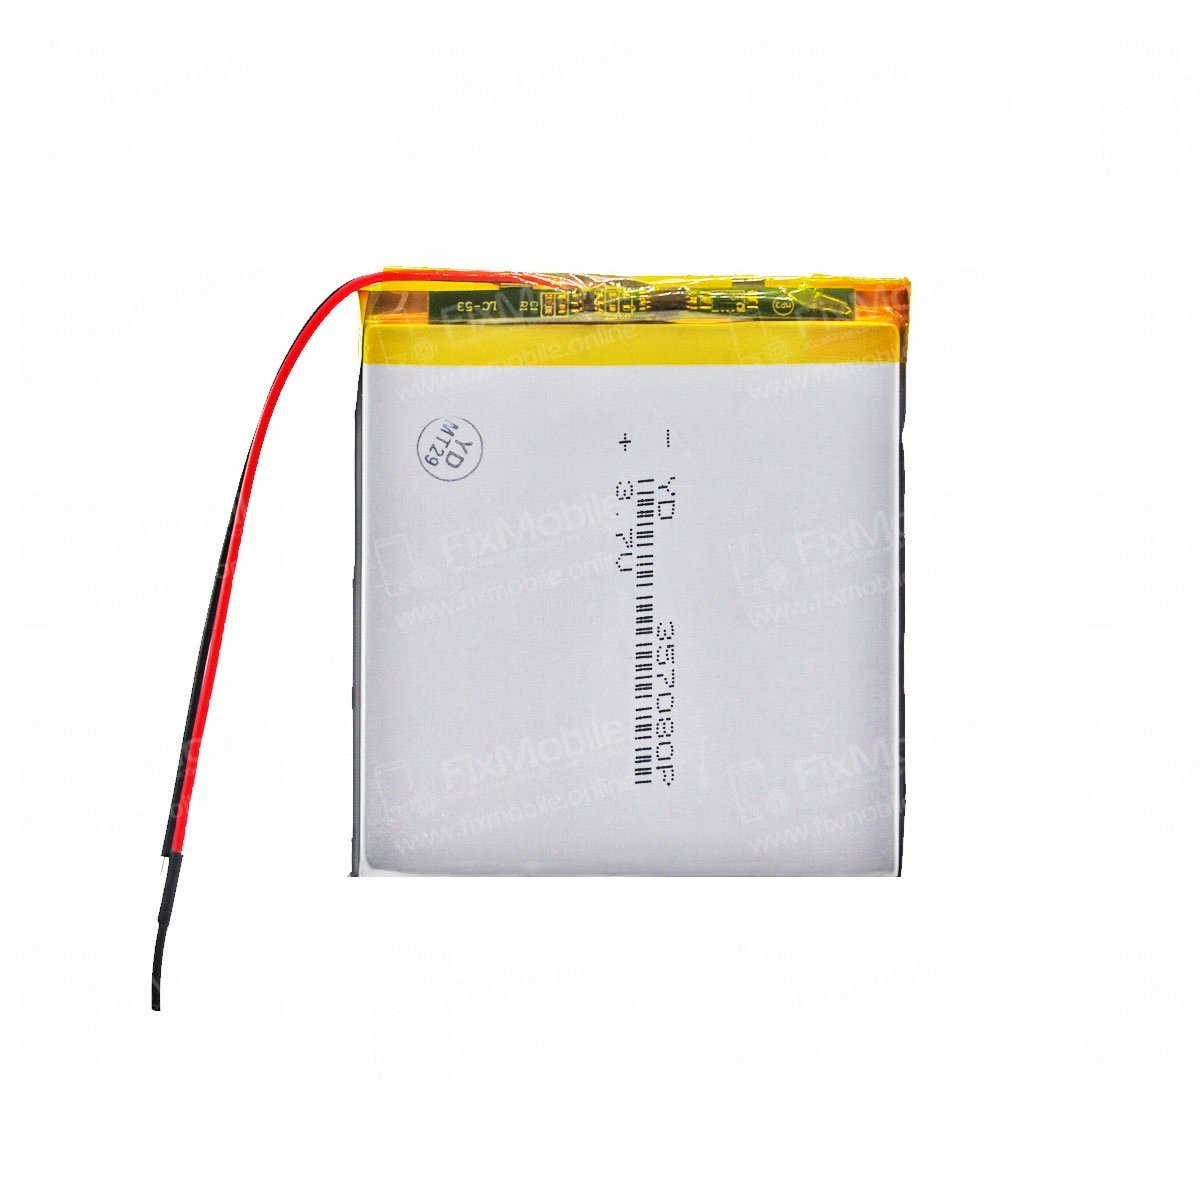 Аккумуляторная батарея универсальная 357080p 3,7v 3000 mAh 3.5*70*80 мм